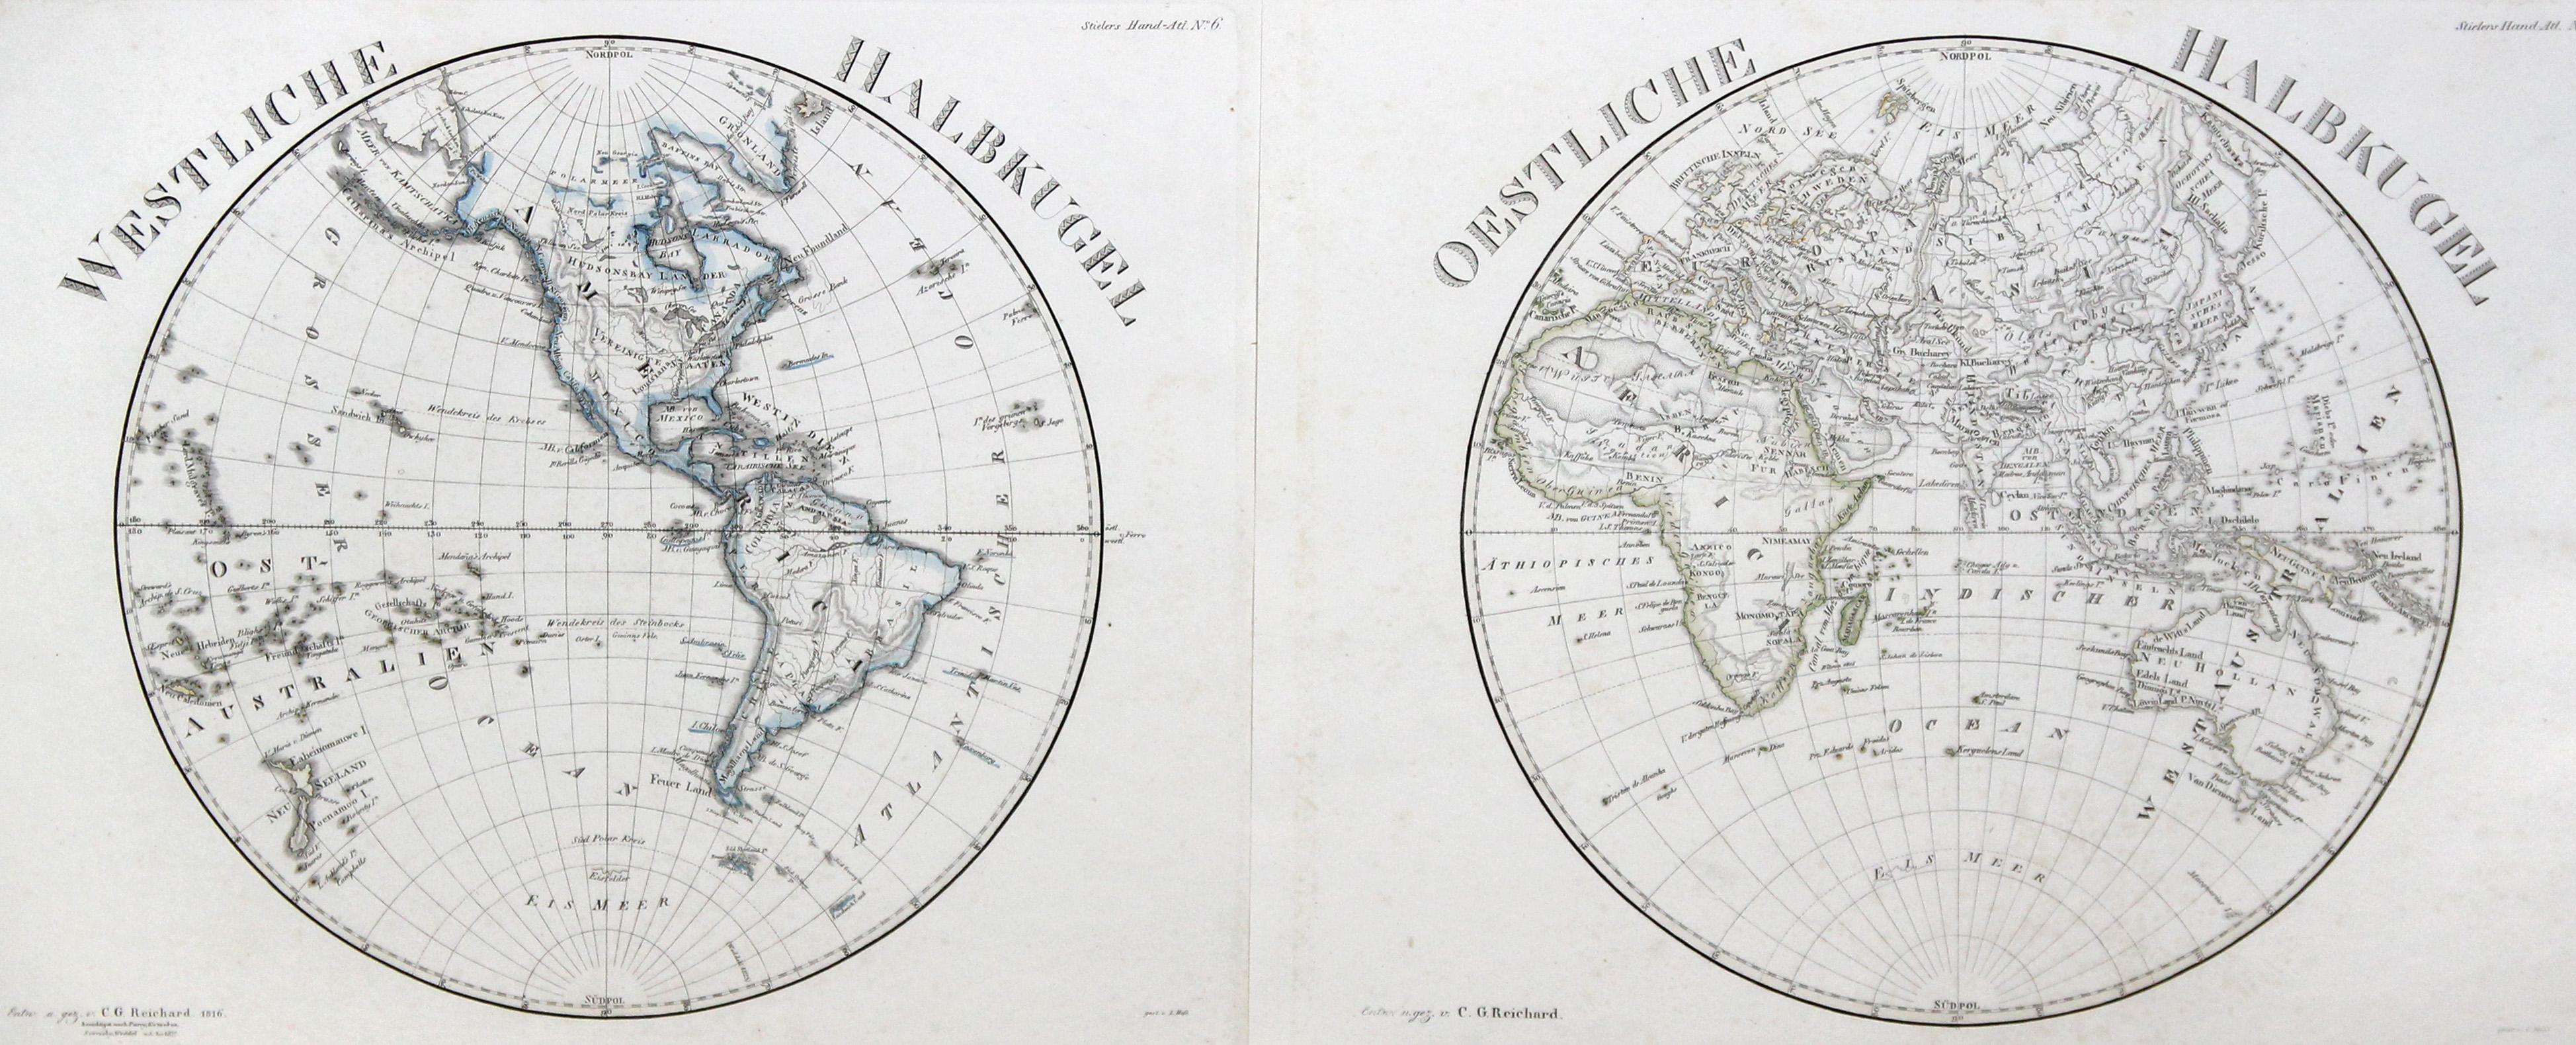 Kst.- Karte, in 2 Blatt, v. Hess: Weltkarte ( World